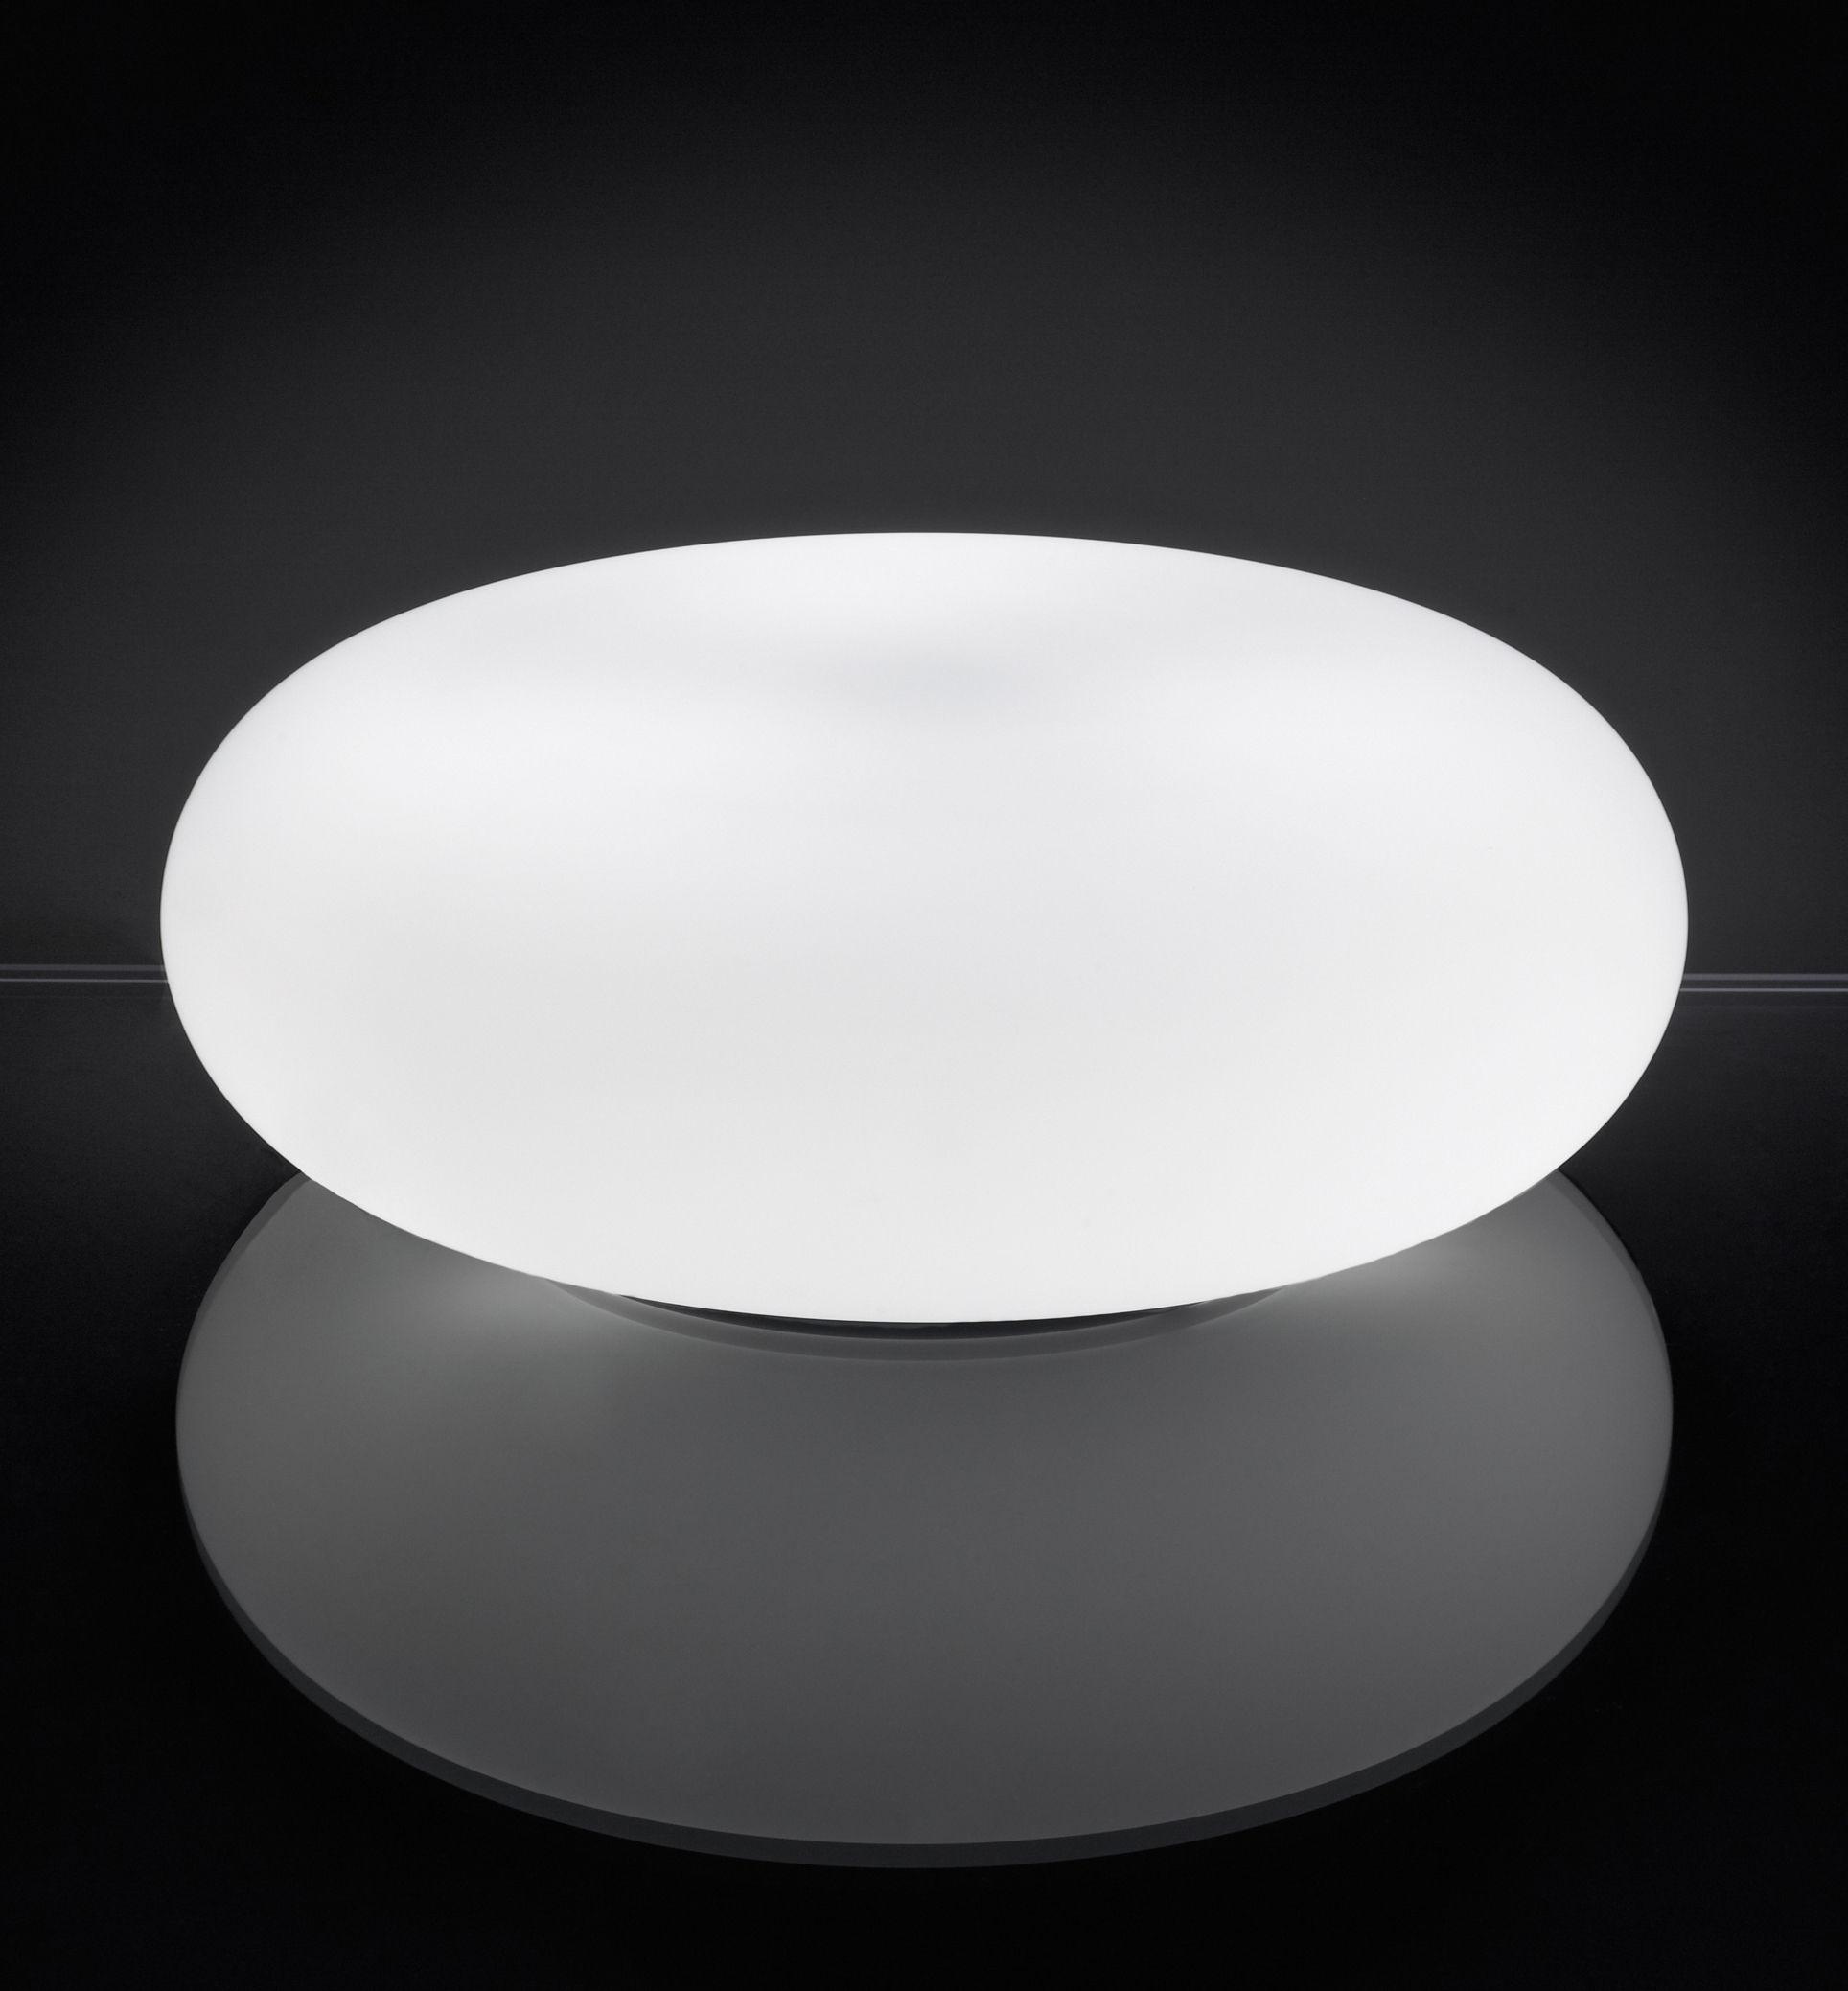 Luminaire - Lampes de table - Lampe de table Itka Ø 50 cm - Danese Light - Blanc - Ø 50 cm - Métal, Verre